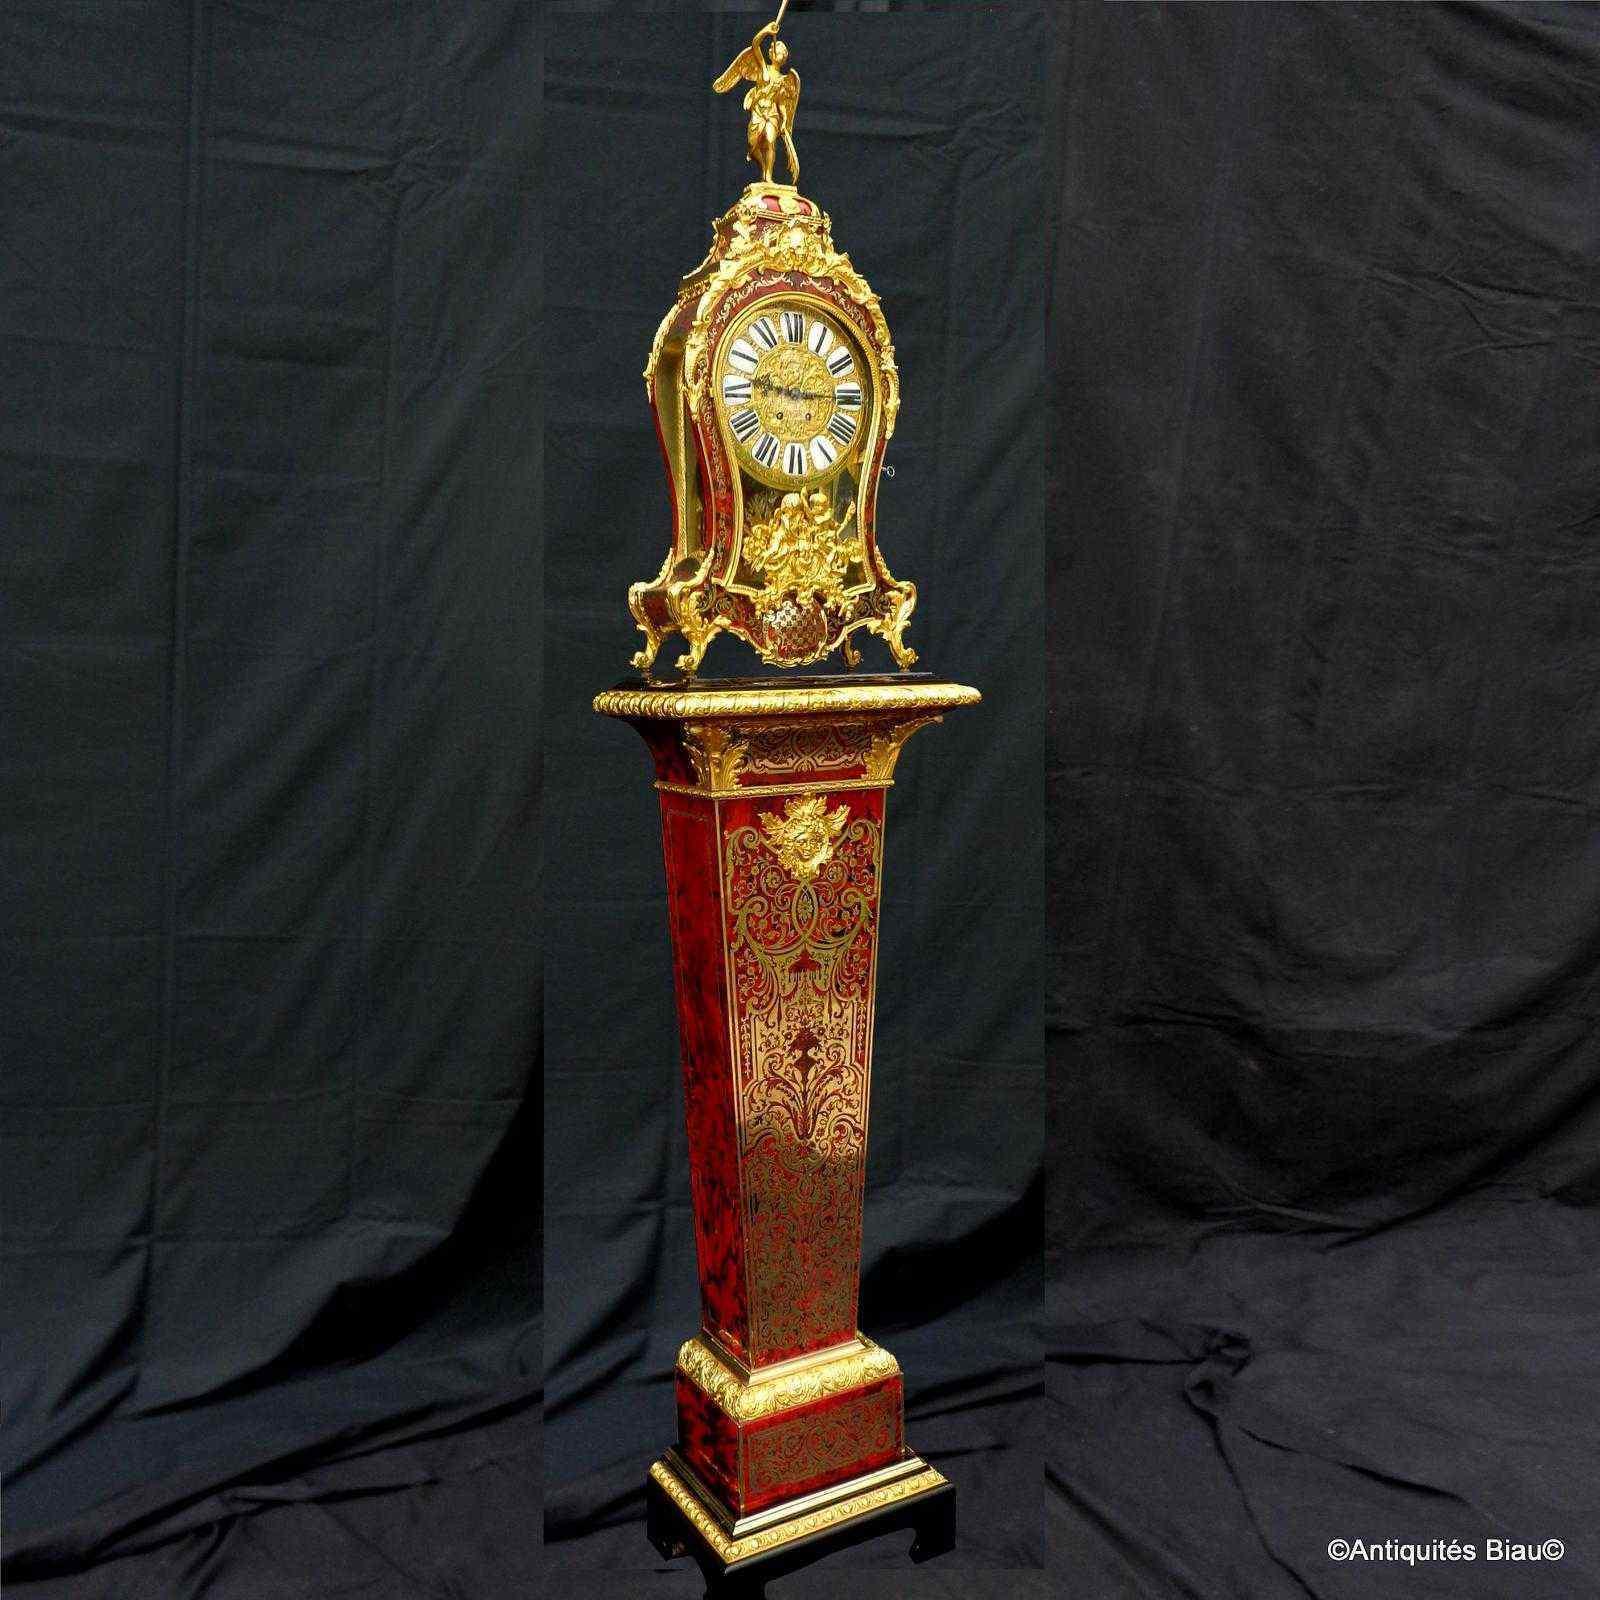 Horloge sur gaine de 2m35 marqueterie Boulle ép Napoléon 3